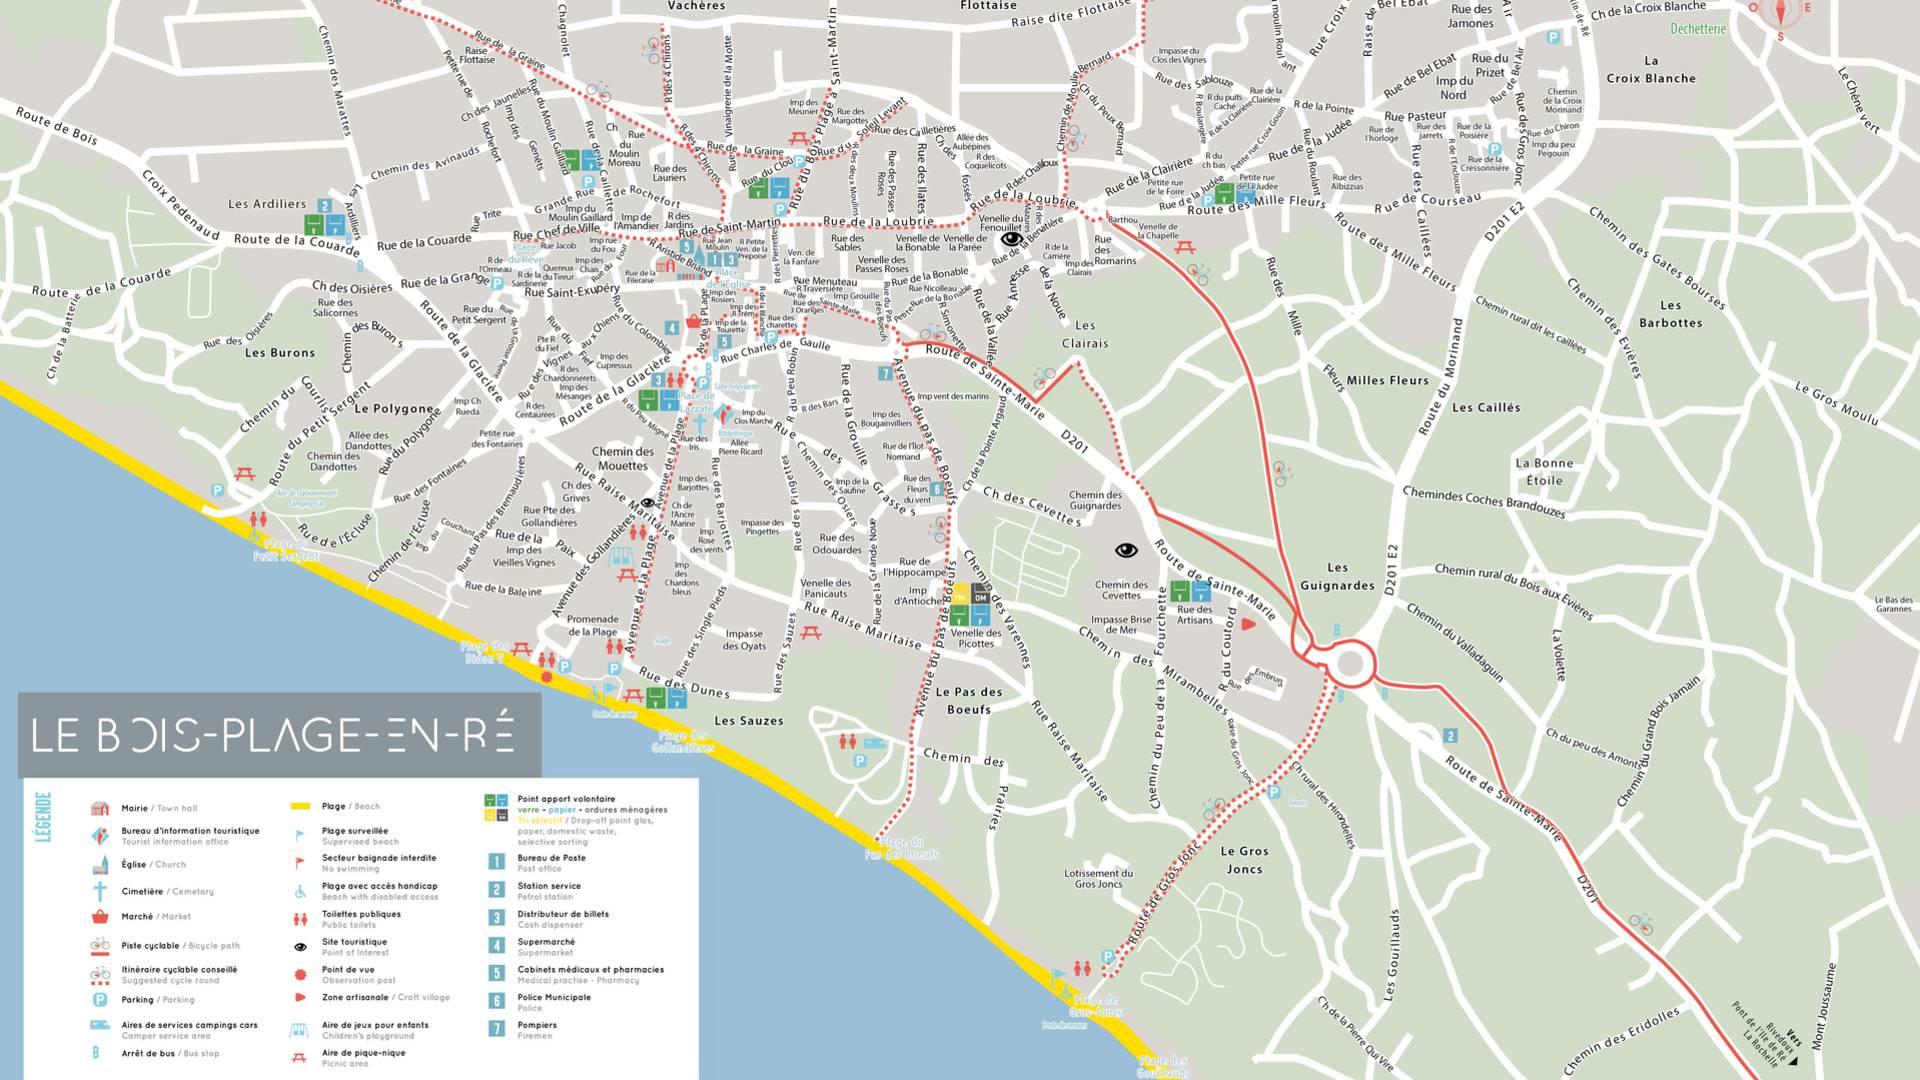 Plan île de Ré, village Le-Bois-Plage-en-Ré